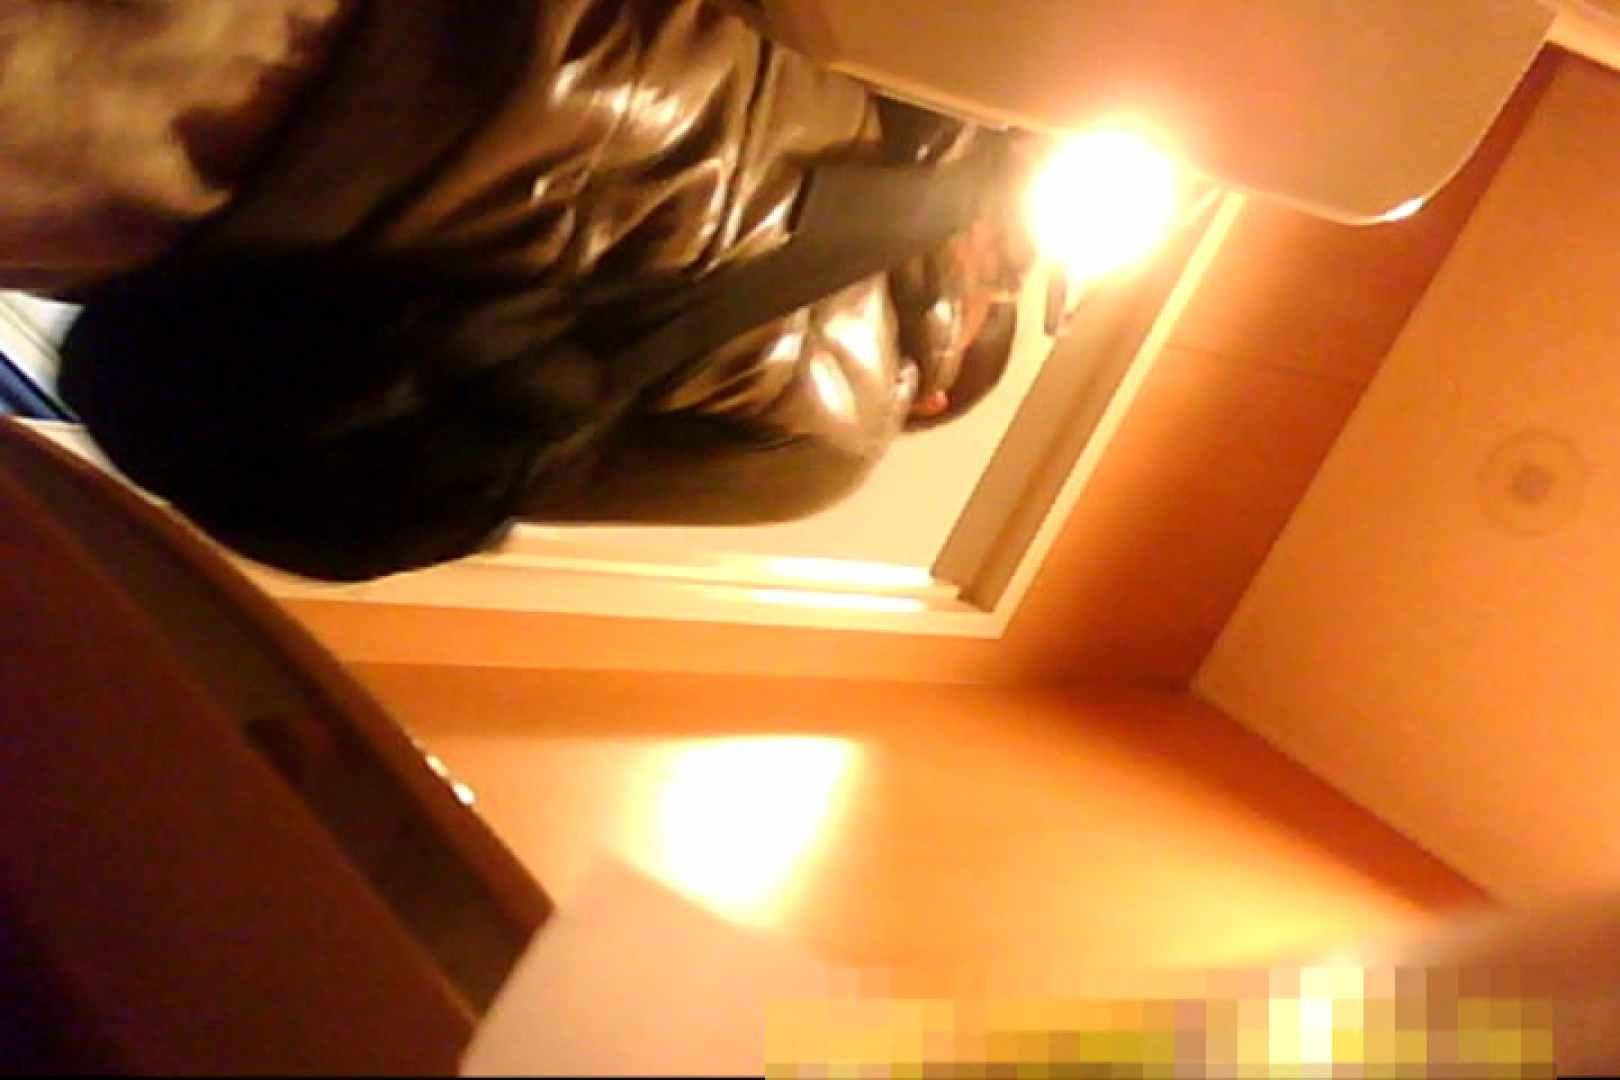 魅惑の化粧室~禁断のプライベート空間~vol.7 プライベート  110連発 90